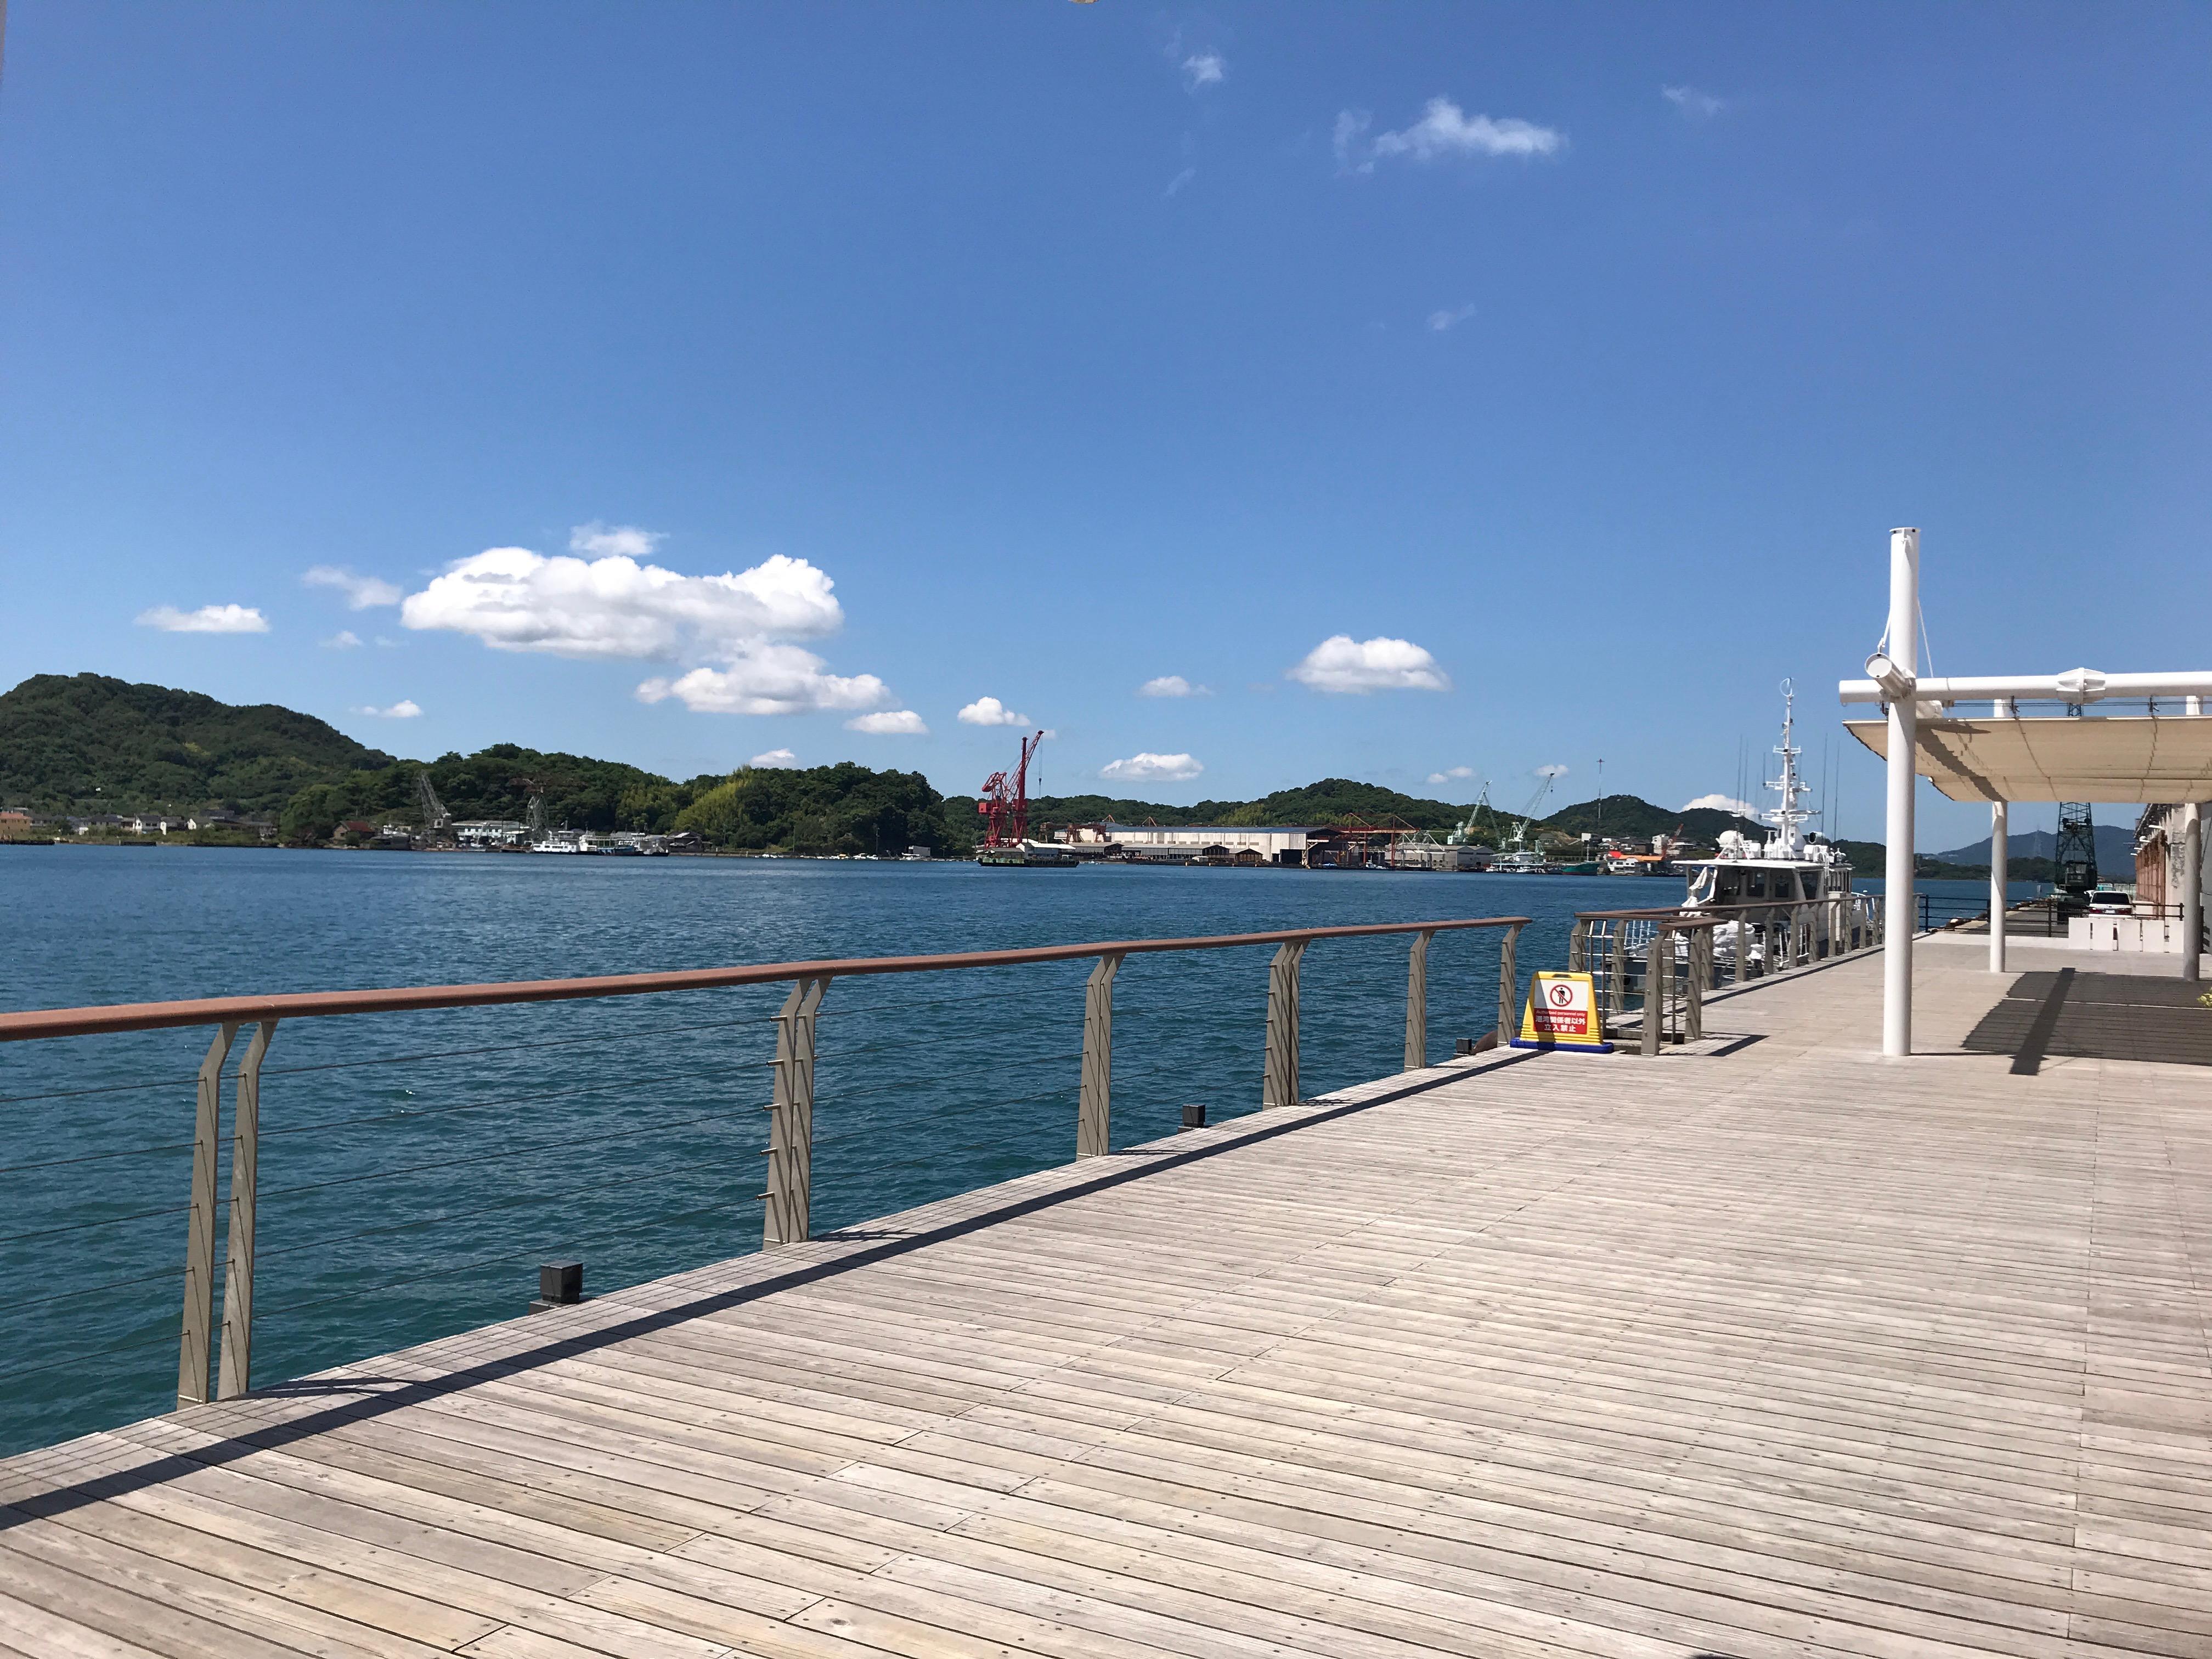 博多から京都への新幹線 海を見てボーとしていたくなり 尾道に寄り道した。